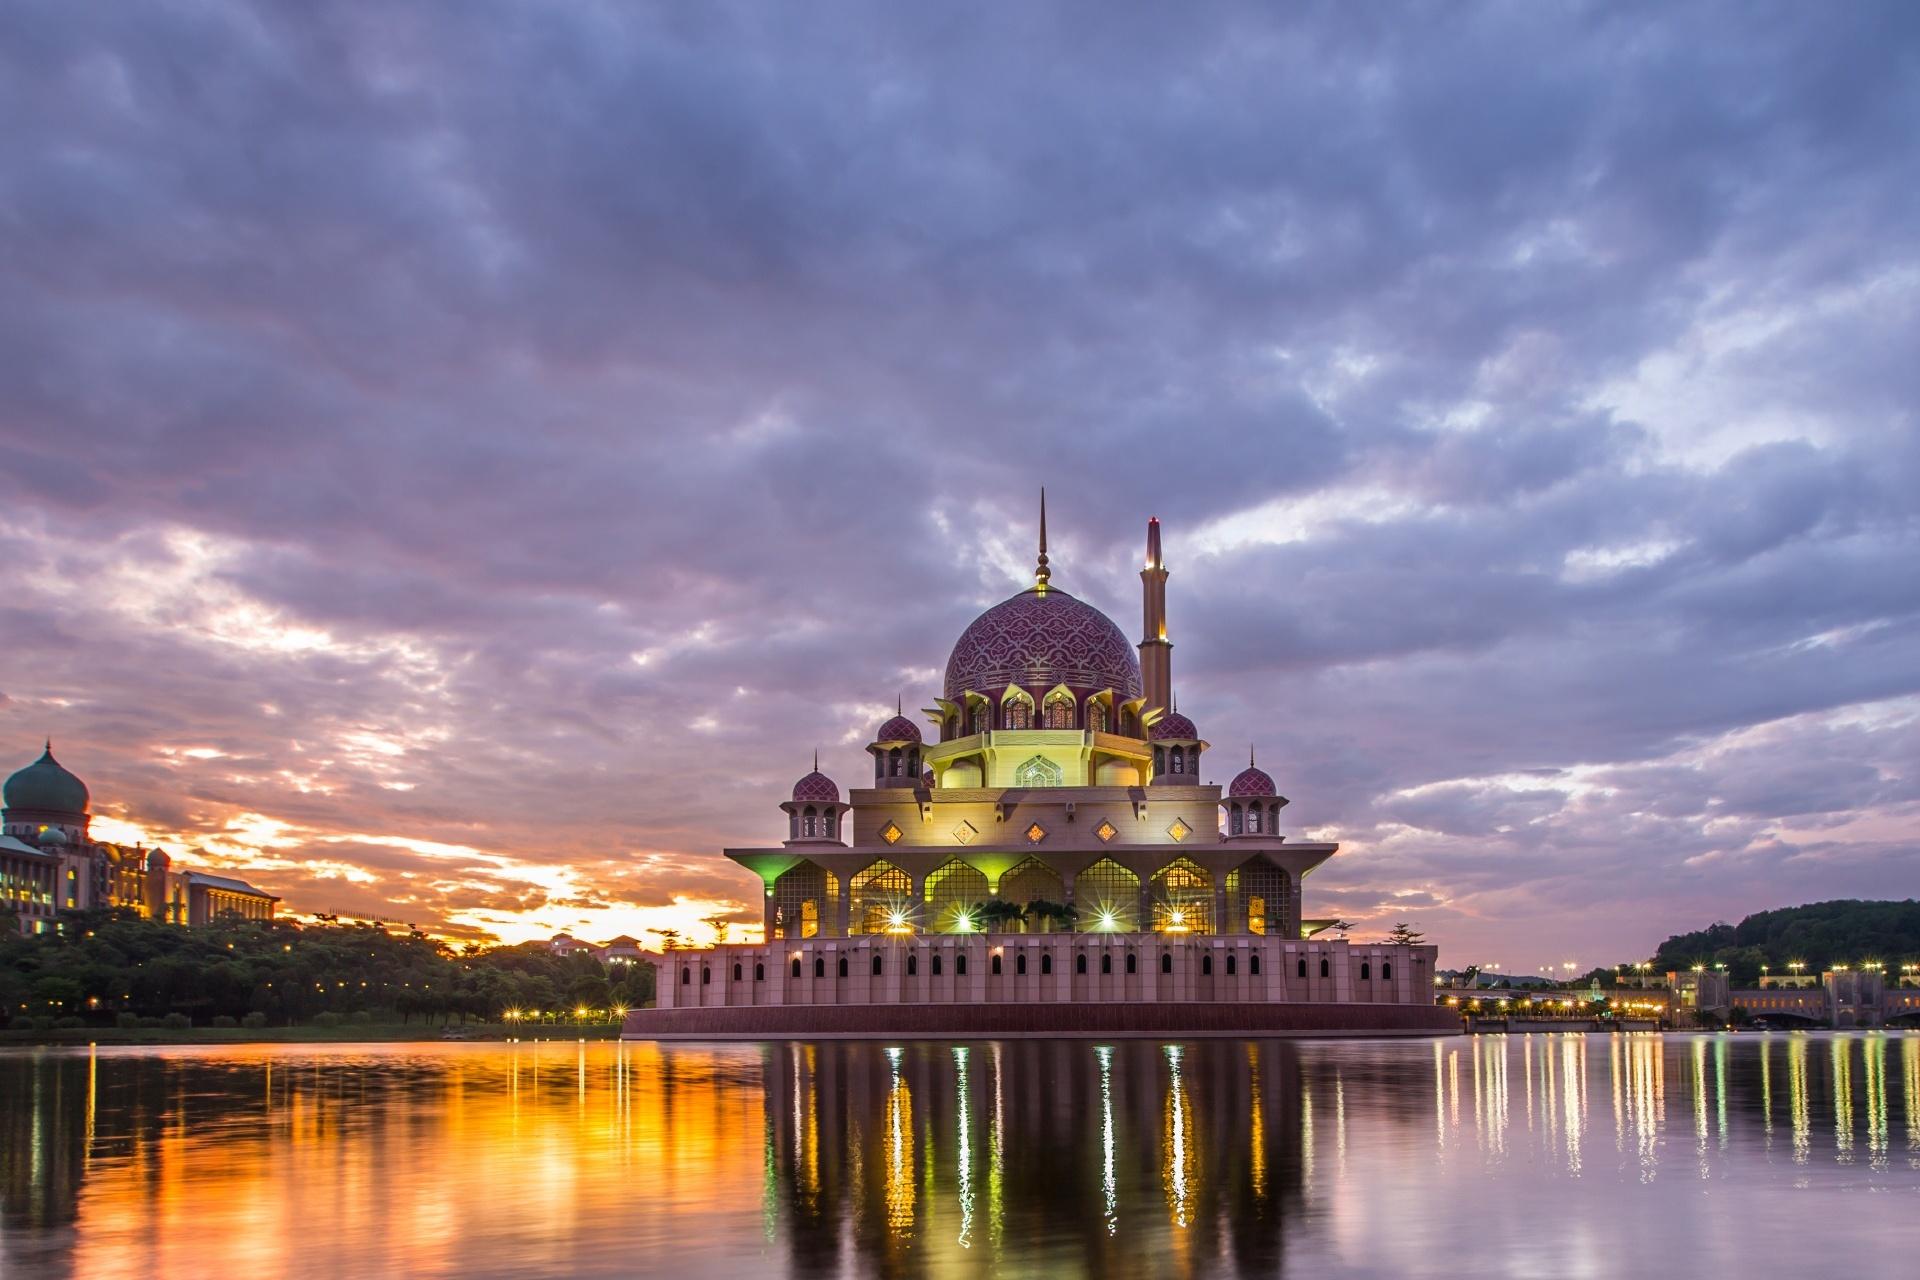 夜明けのプトラ・モスク マレーシアの風景